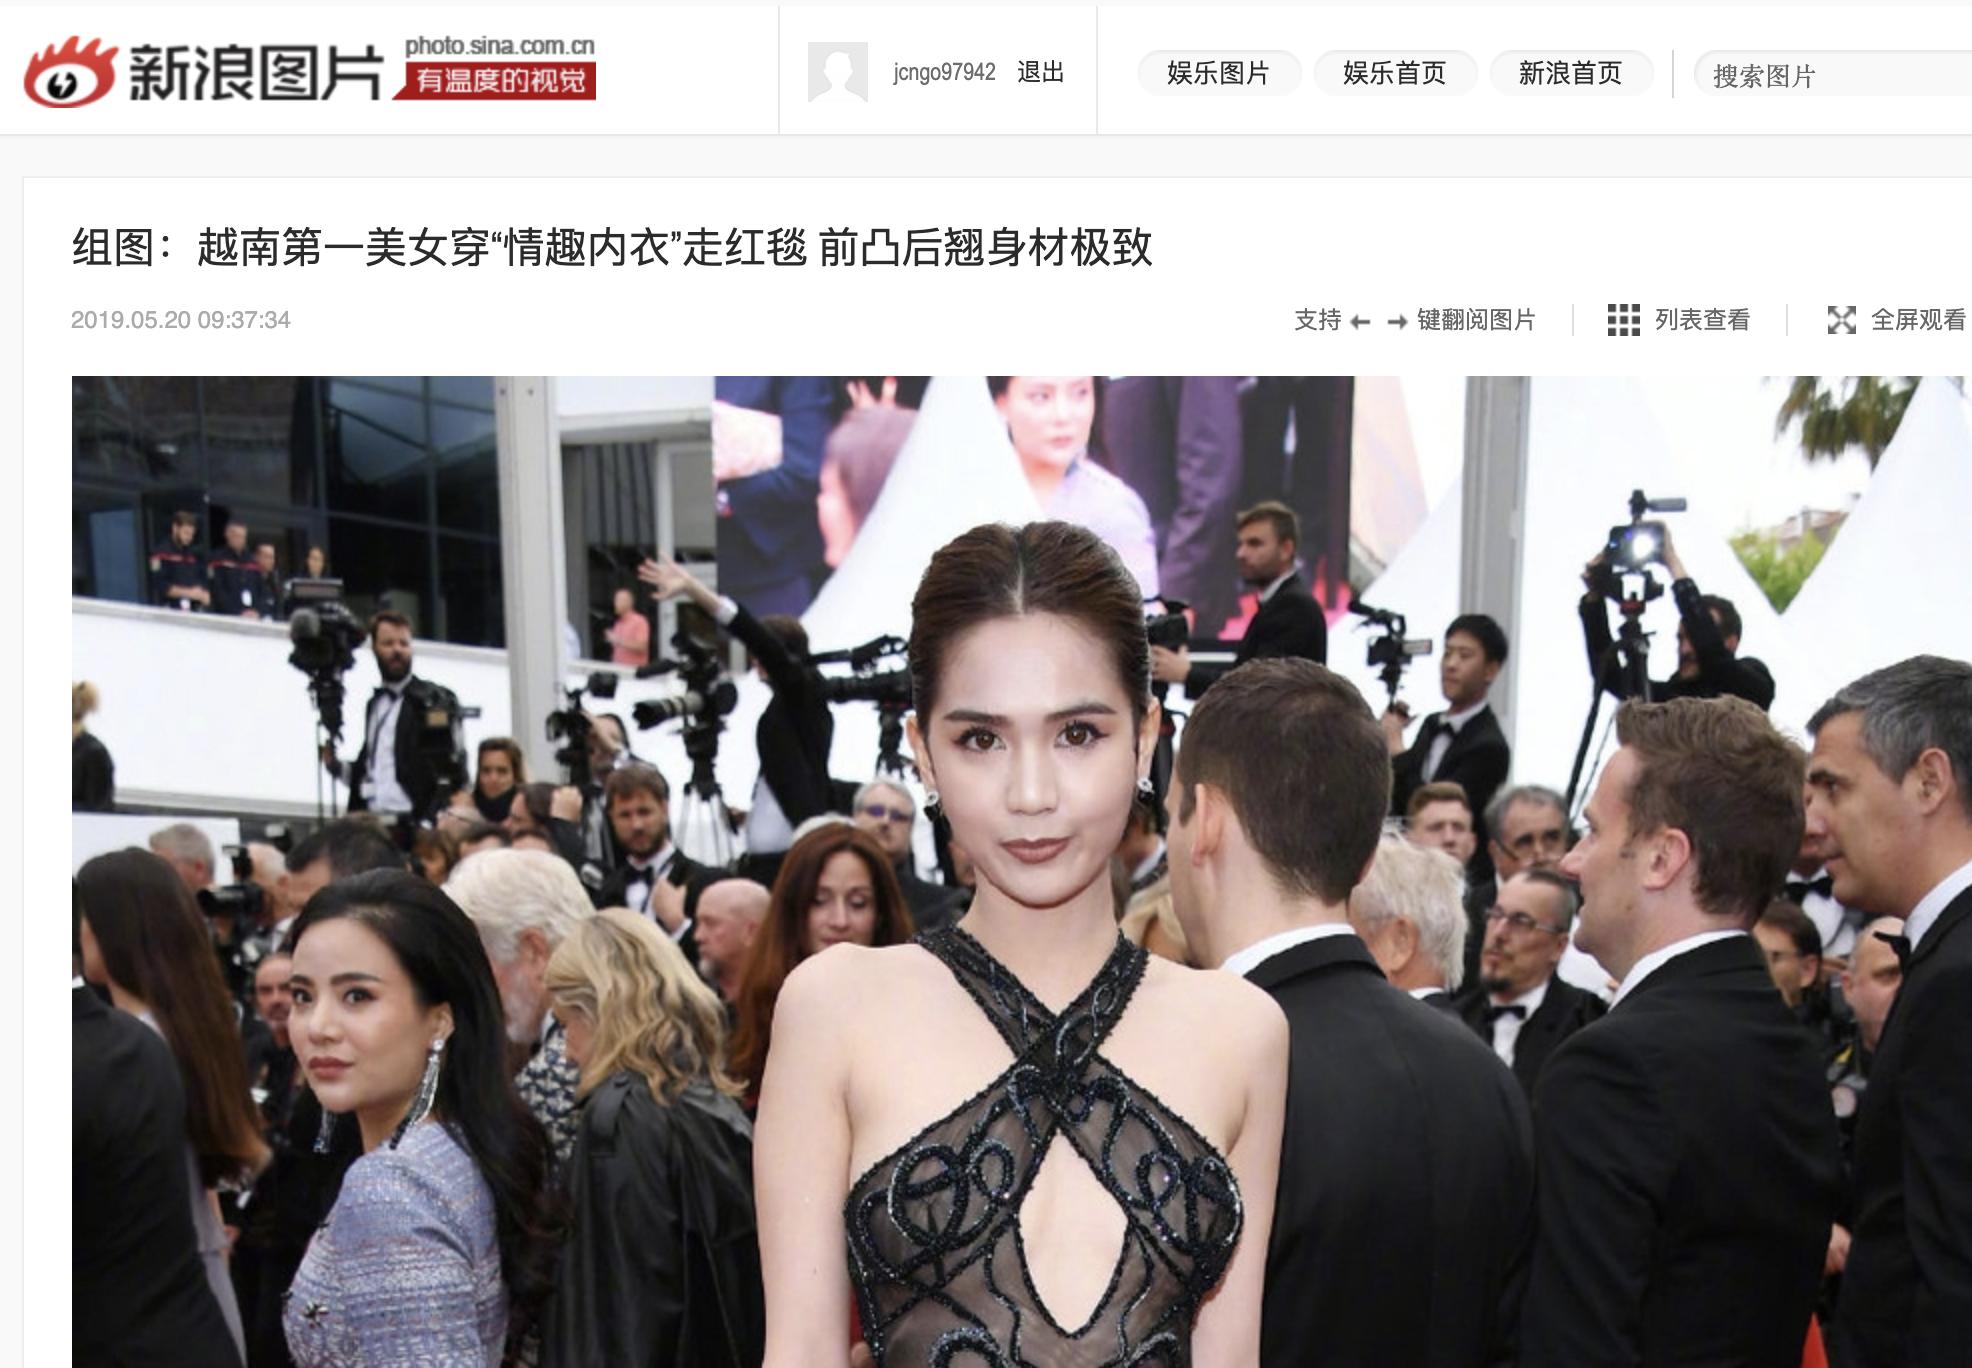 Trước khi chơi lớn tại Cannes, Ngọc Trinh có thật là hotgirl mạng xã hội như dân Trung đồn? - Ảnh 11.